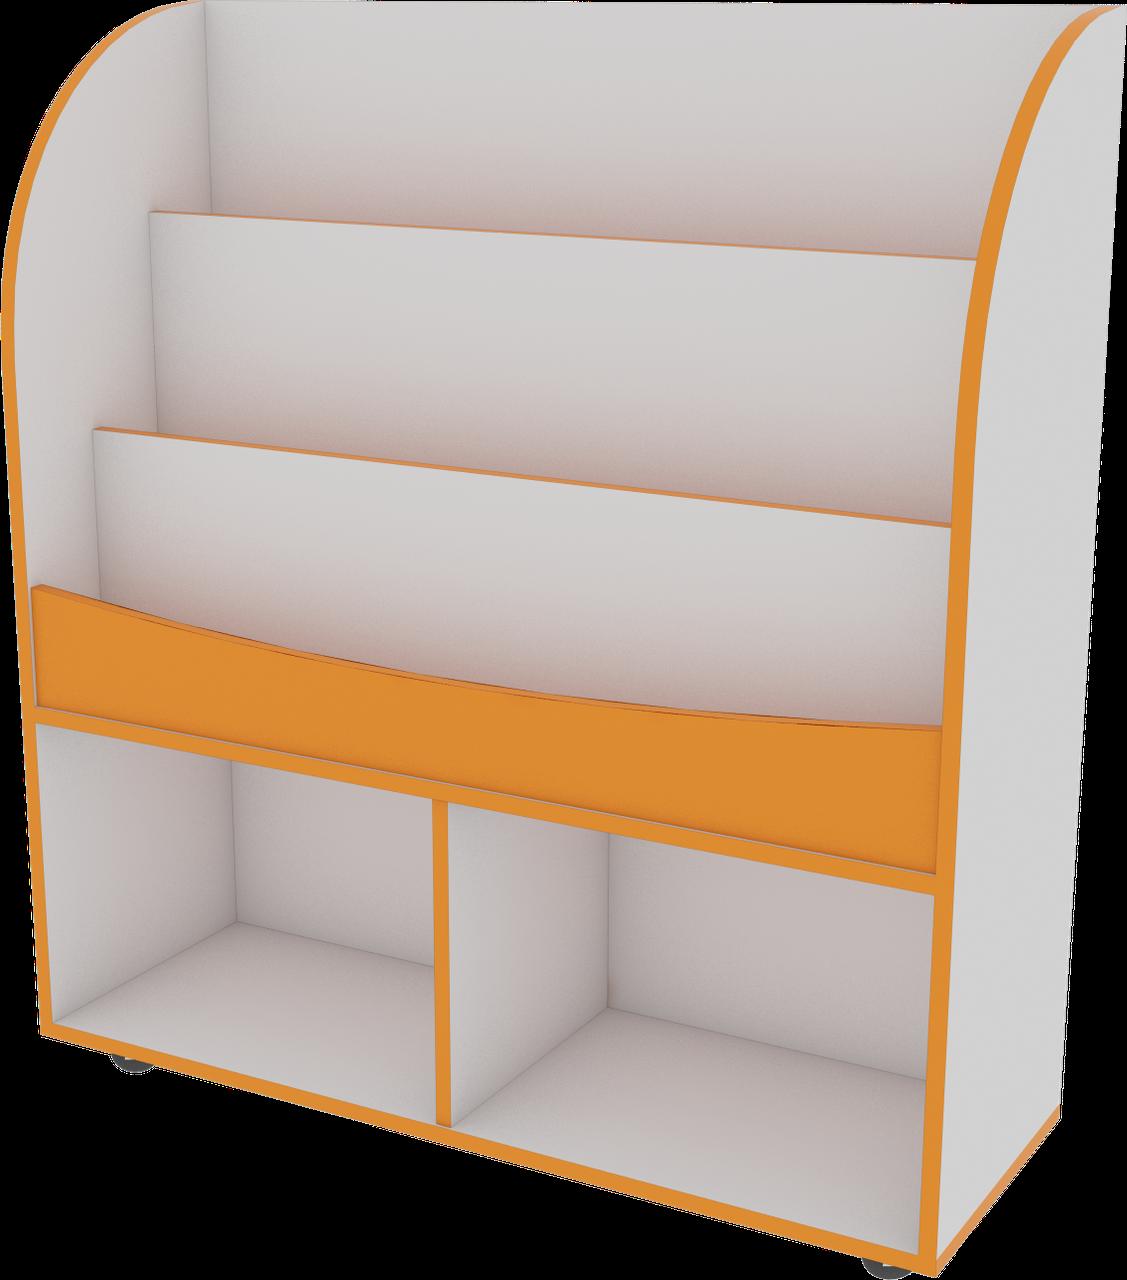 Виставковий стенд для дитячих книг, меблі